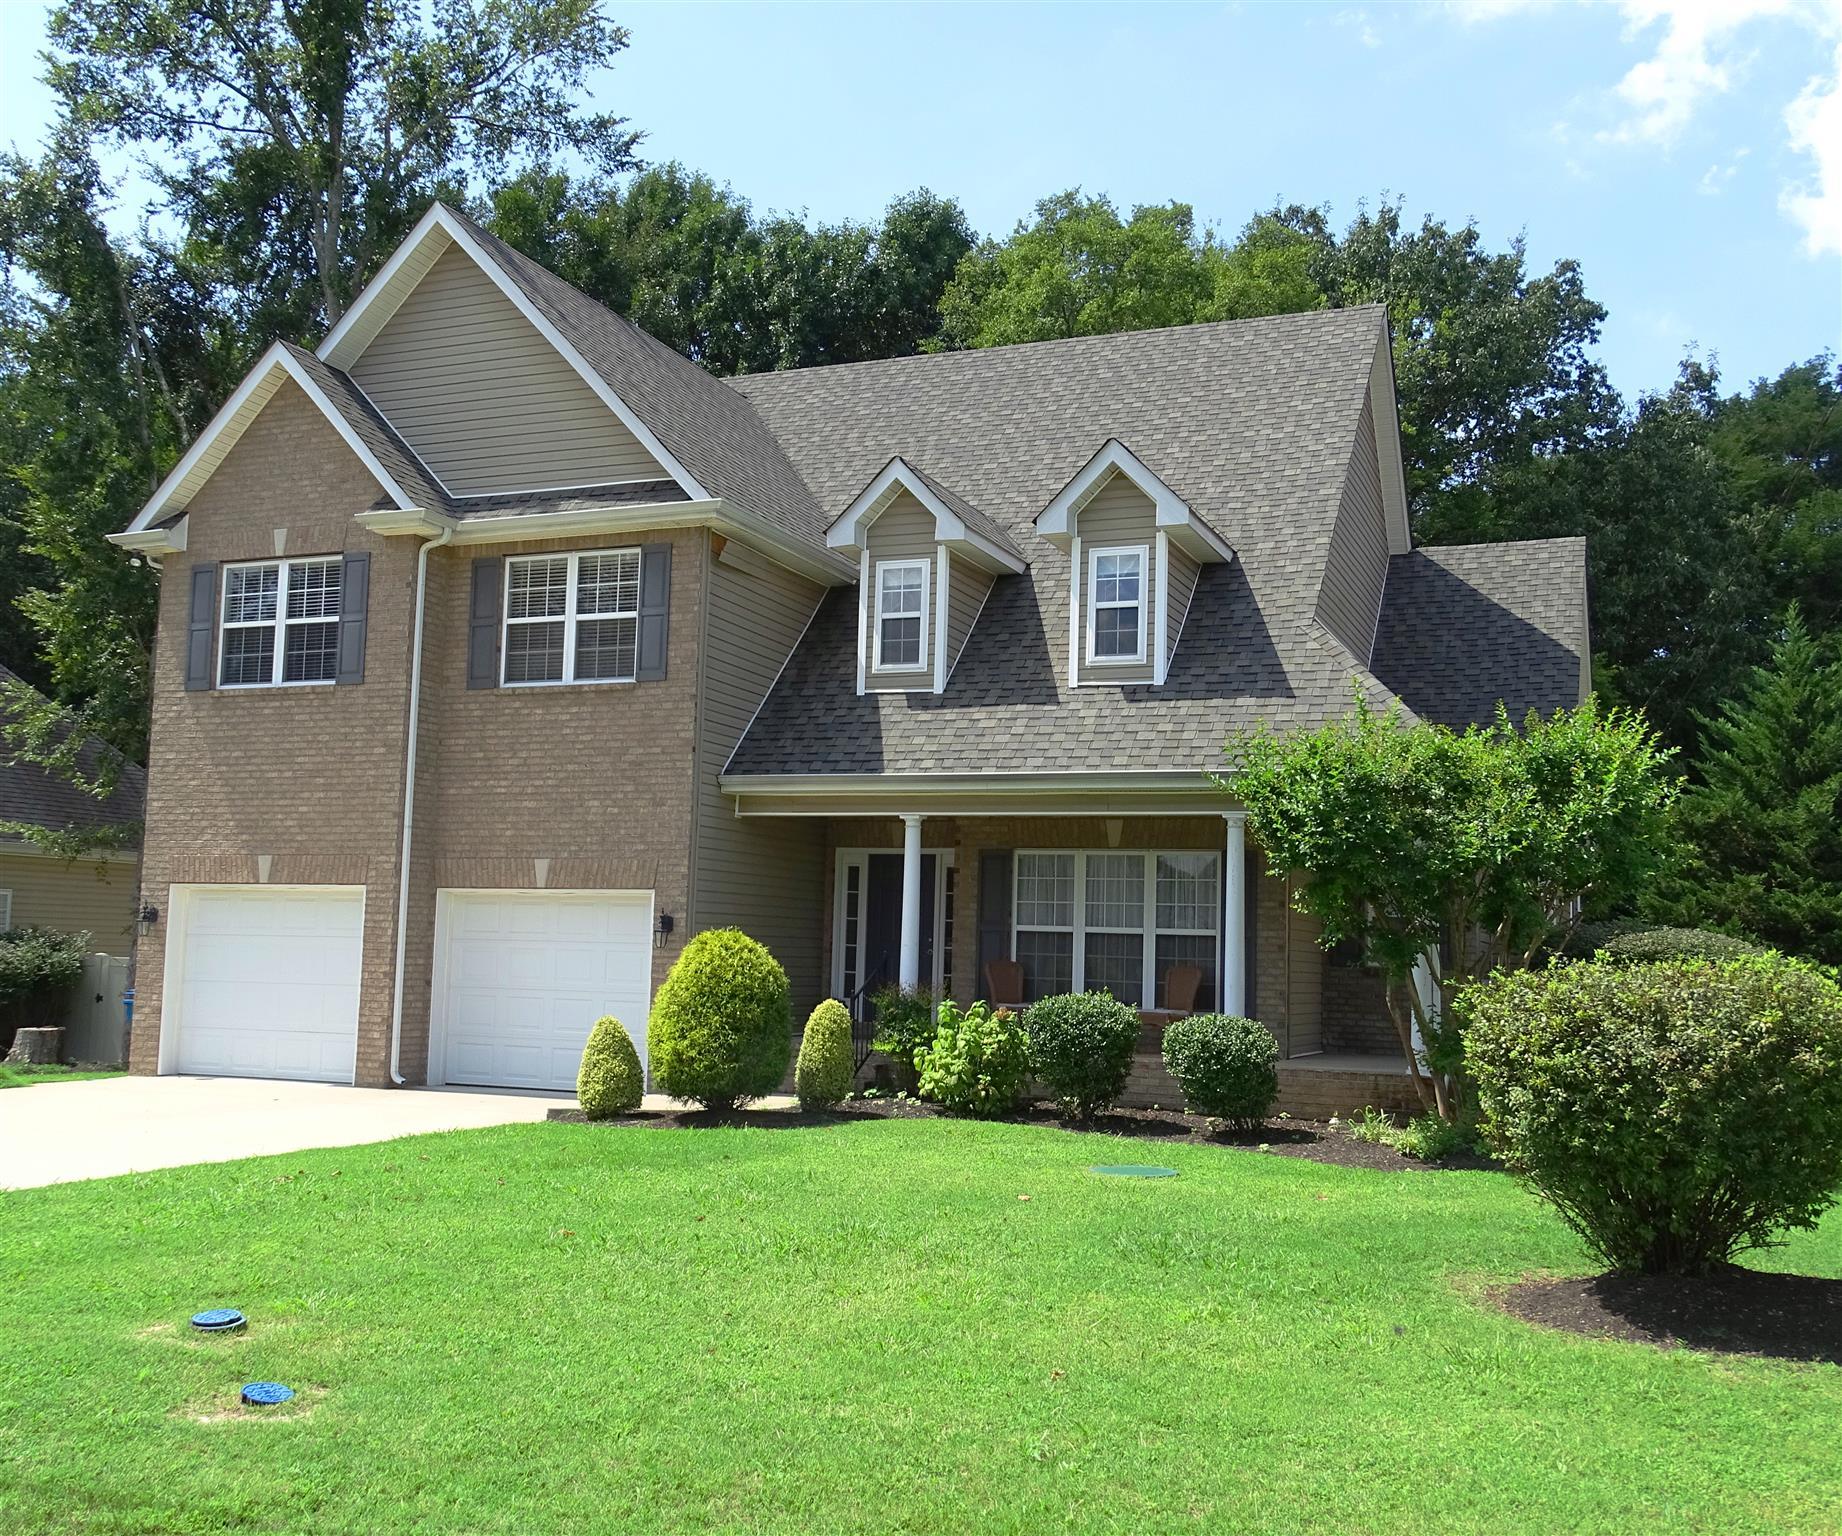 1541 Jeter Way, Murfreesboro, TN 37129